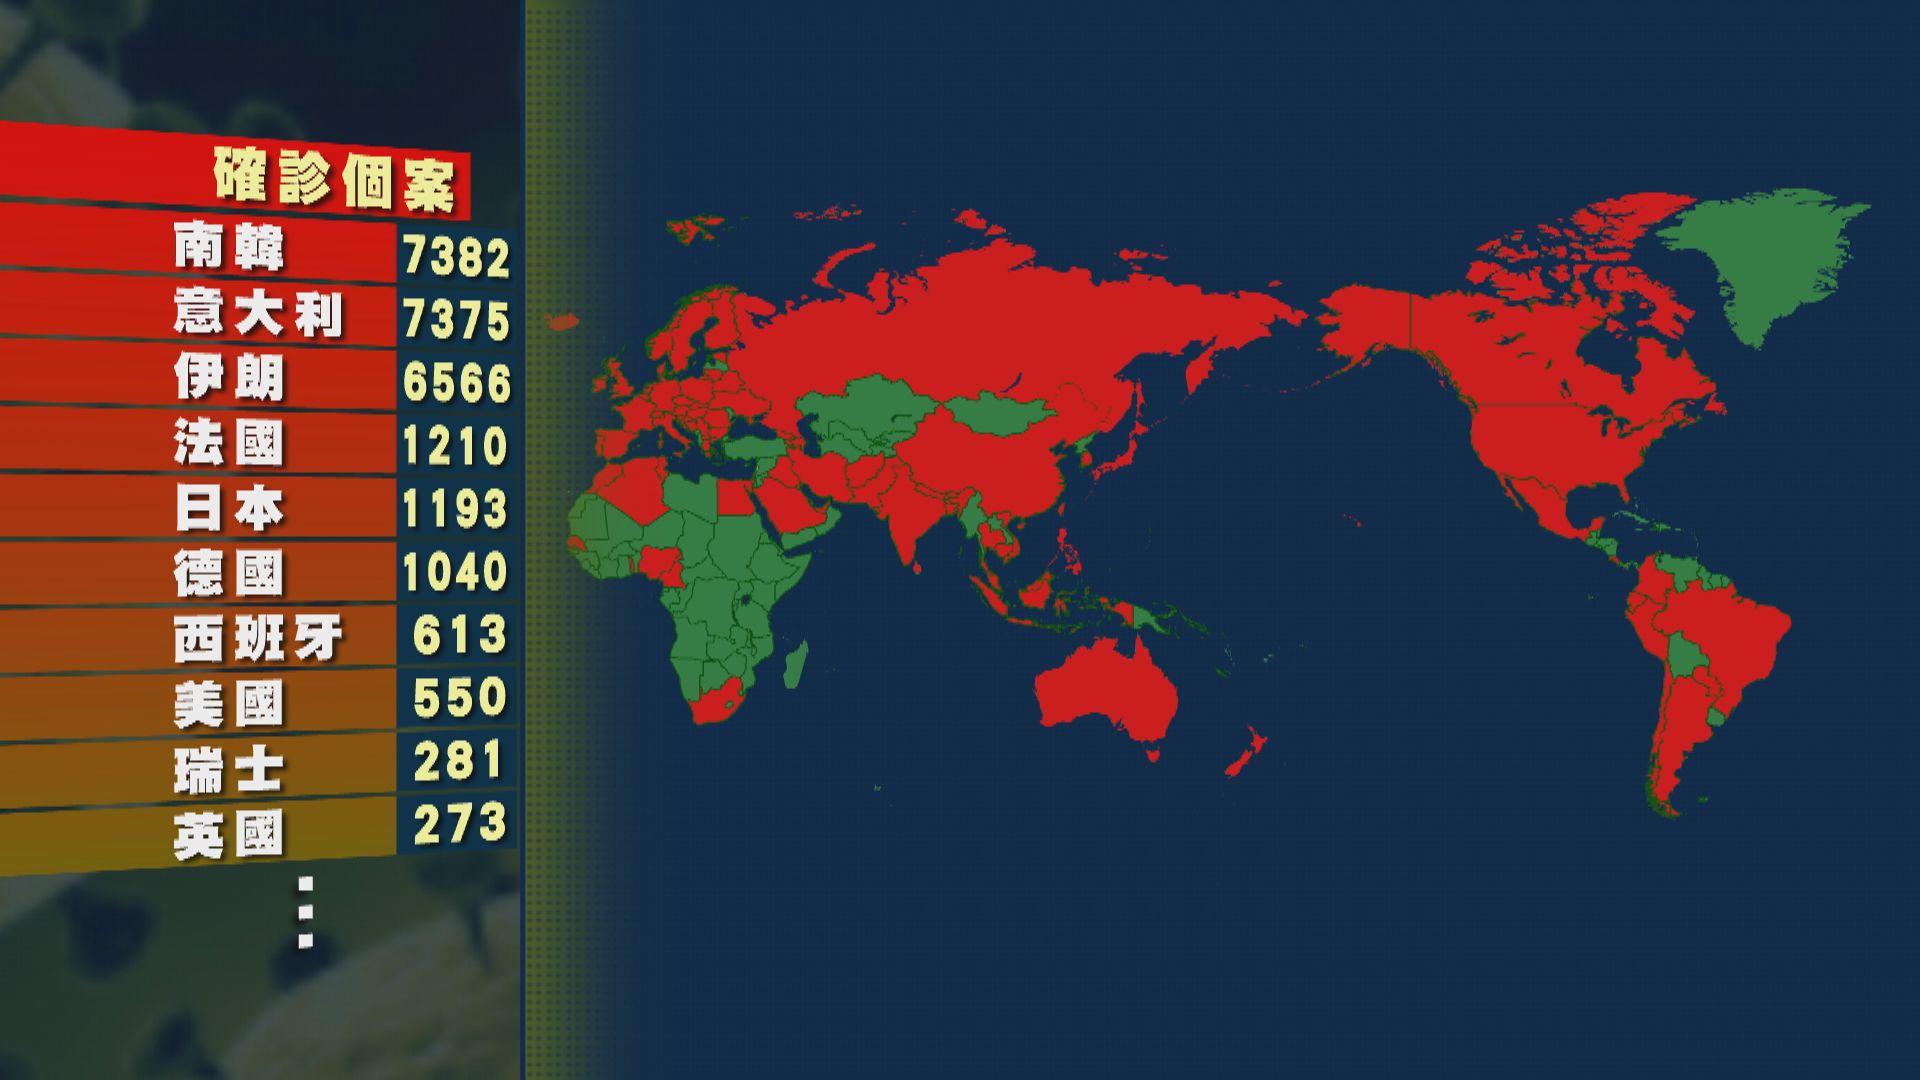 意大利累計病例增至7375宗